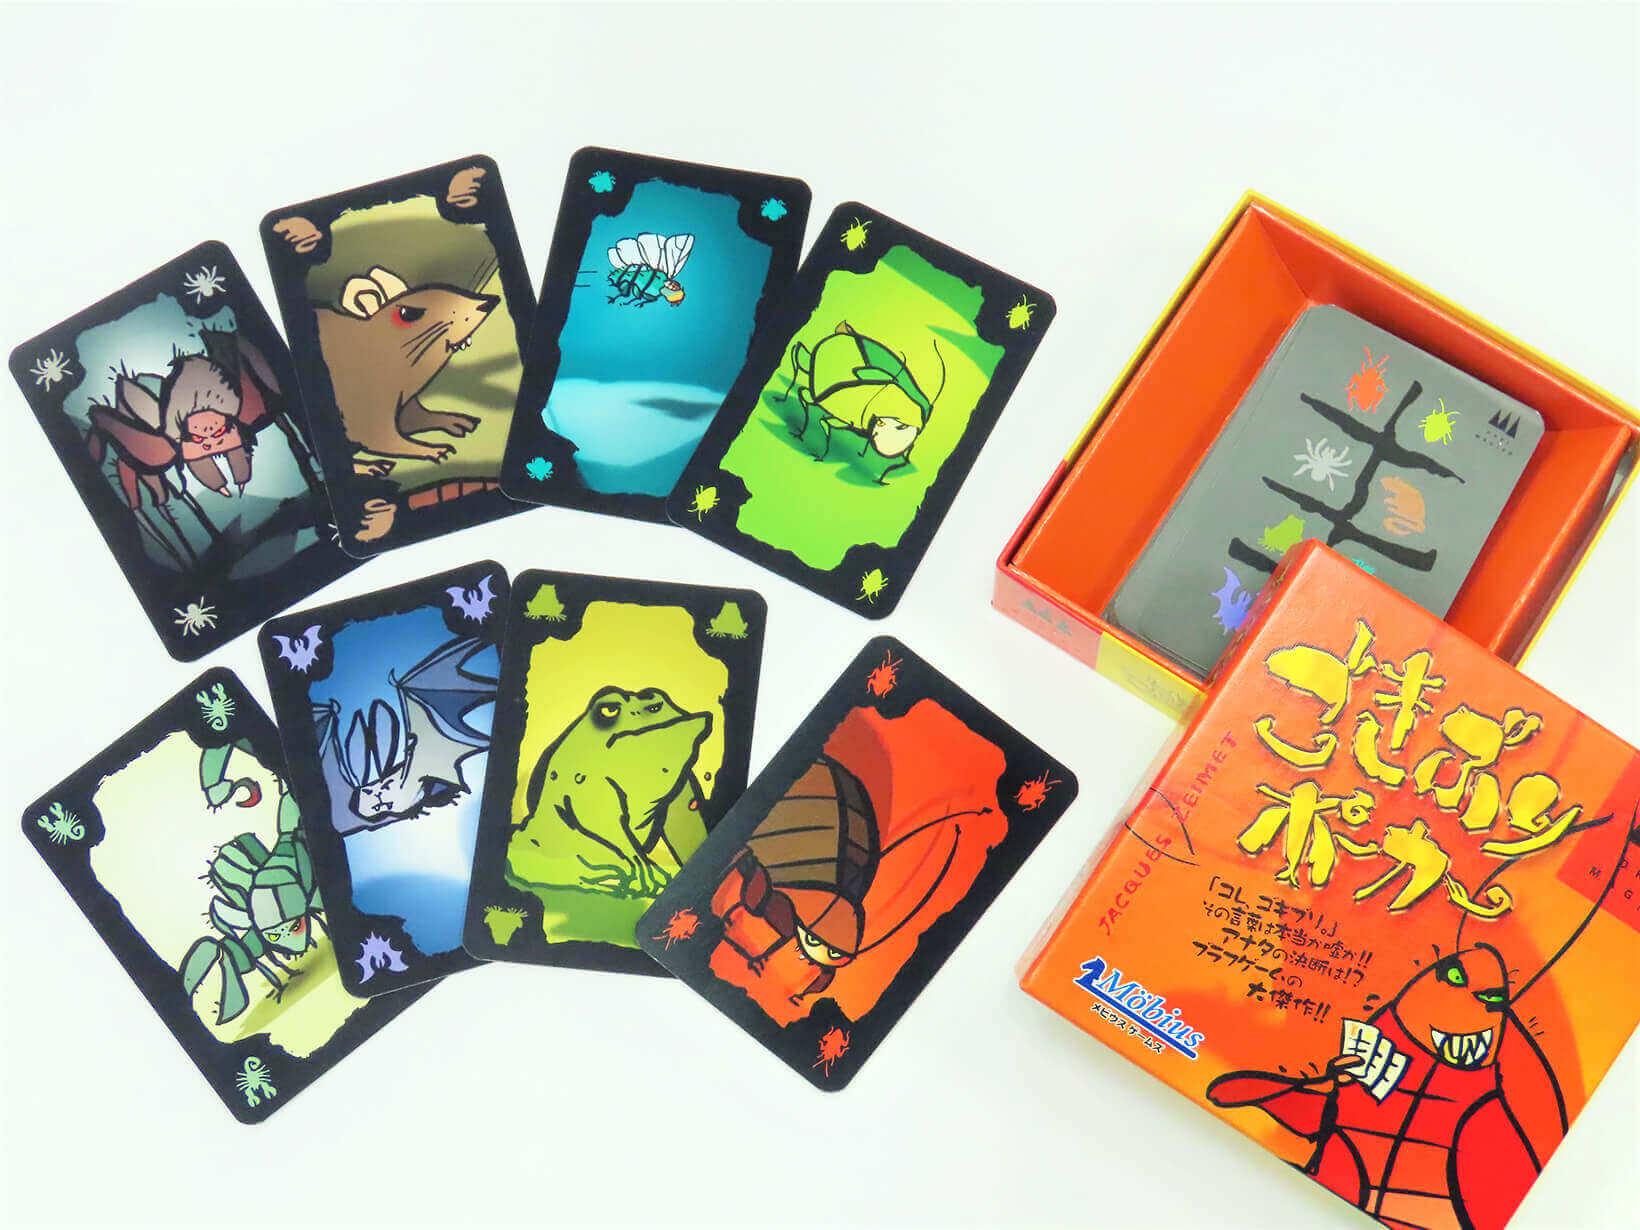 ごきぶりポーカーカードとパッケージ